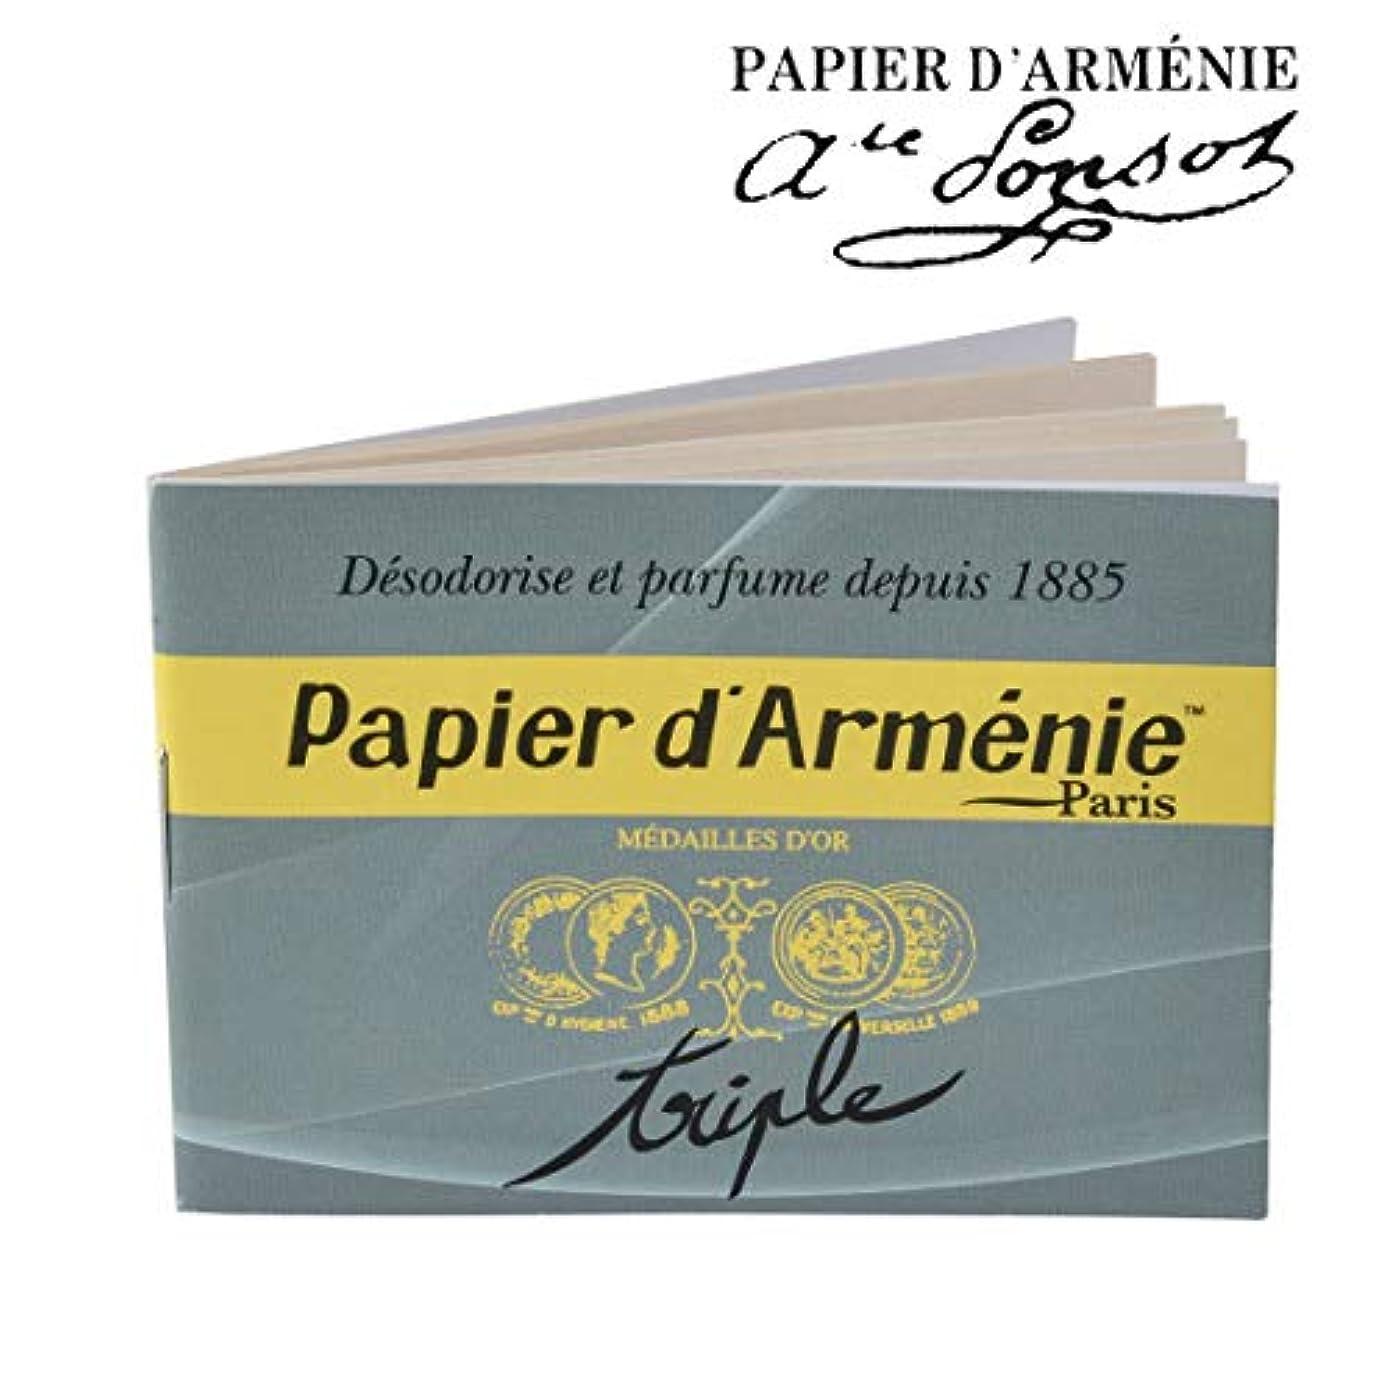 到着キャラクター司書papier d armenie パピエダルメニイ トリプル